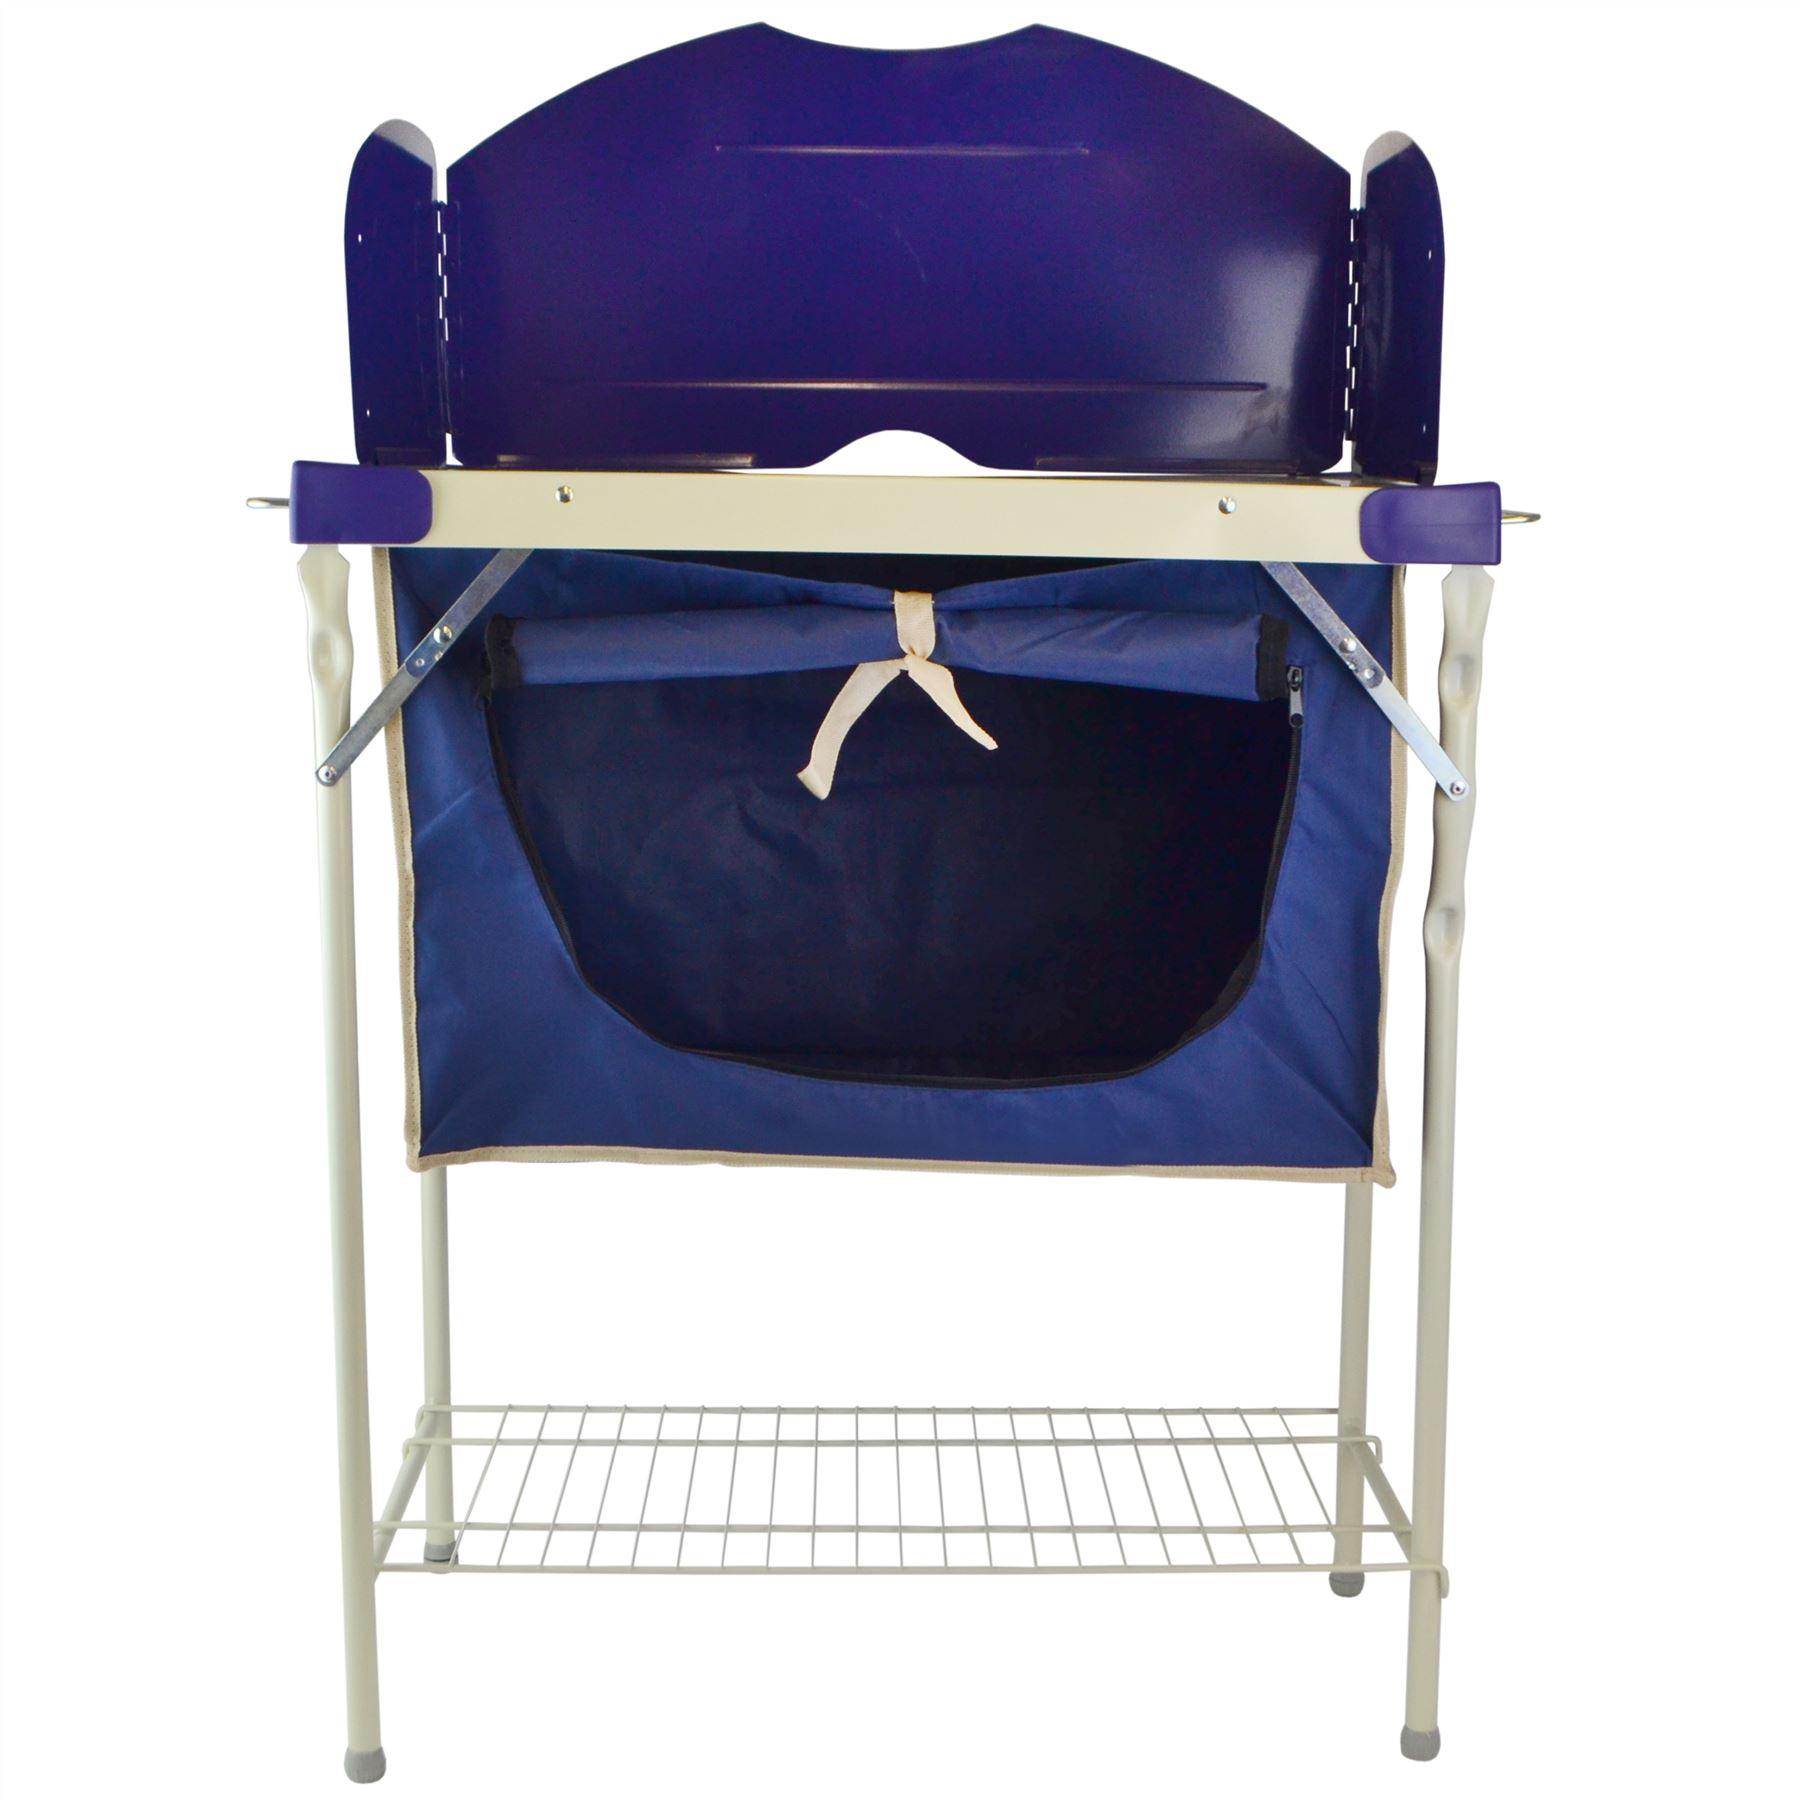 Camping Und Küche Store Sack Rangement Multifonctions Prep Salon Steel Frame Cm